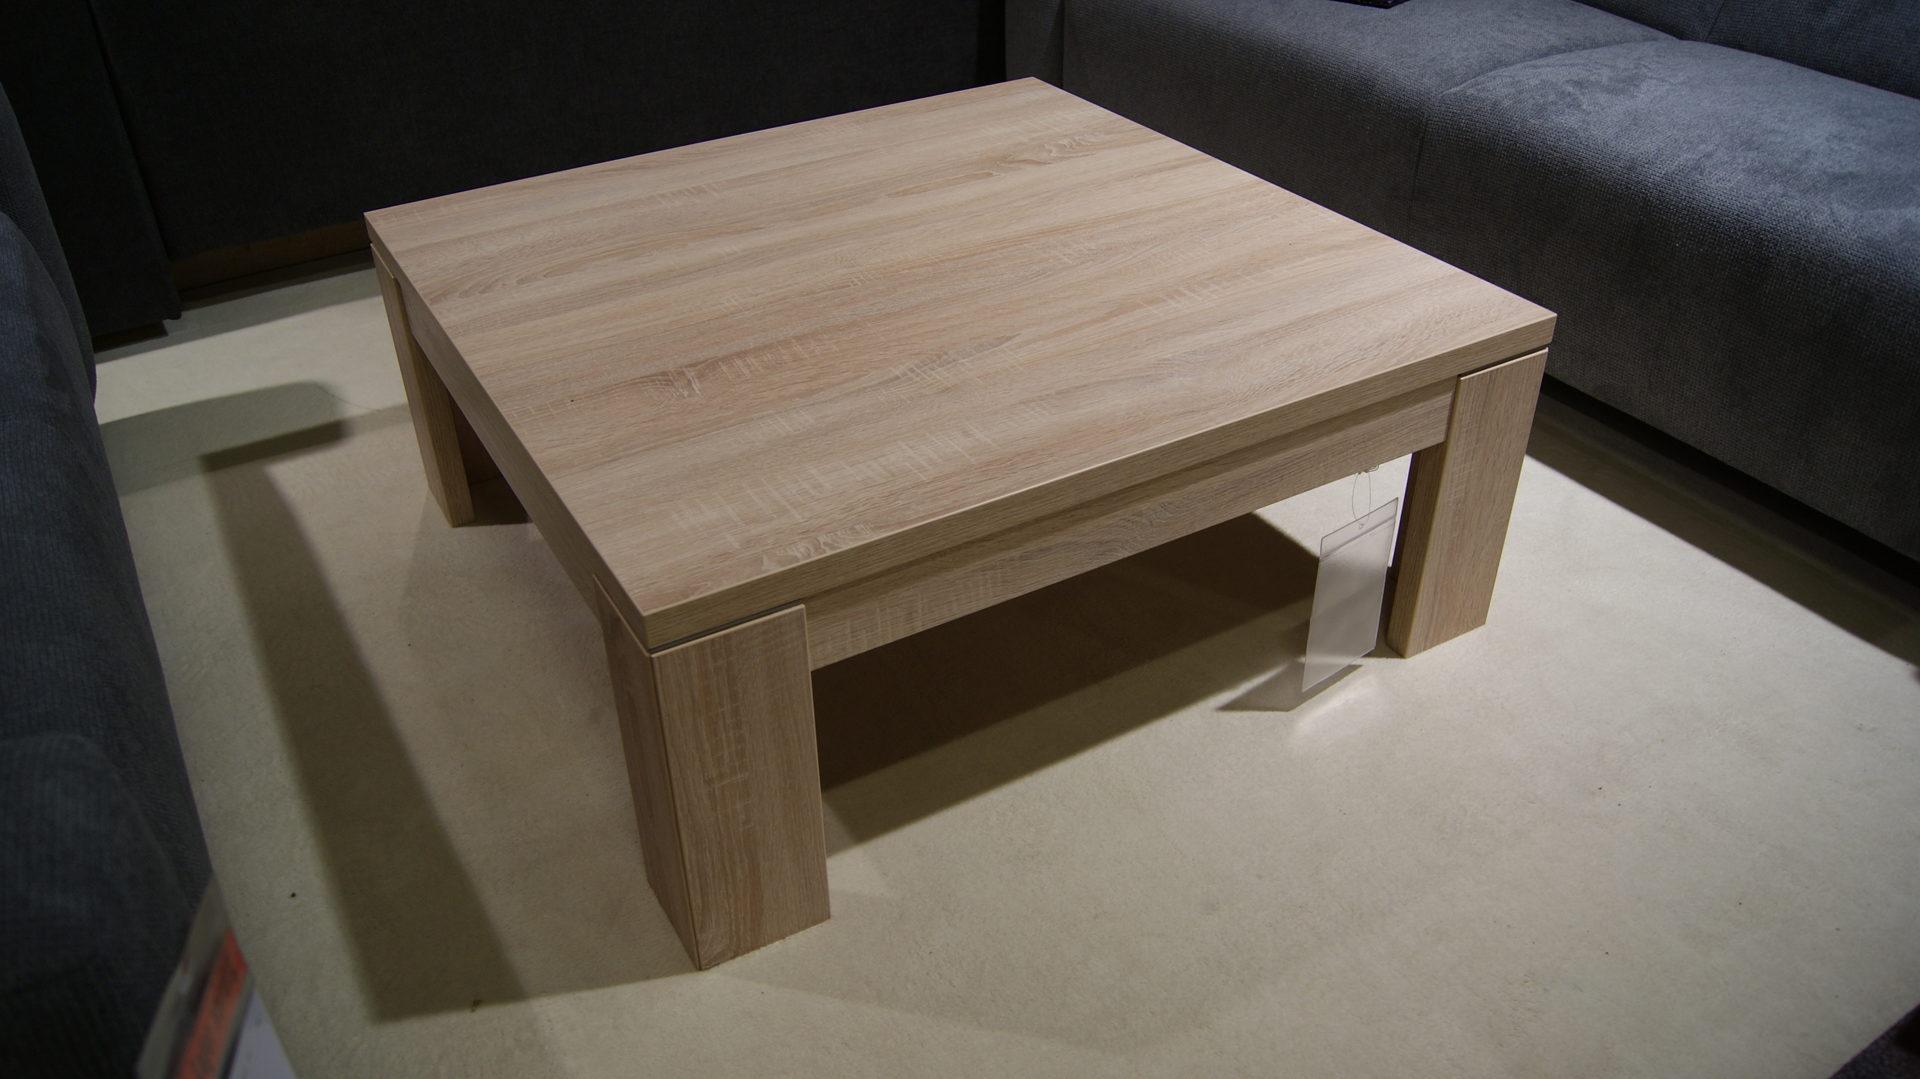 Möbel Busch Räume Wohnzimmer Couchtische Beistelltische Möbel